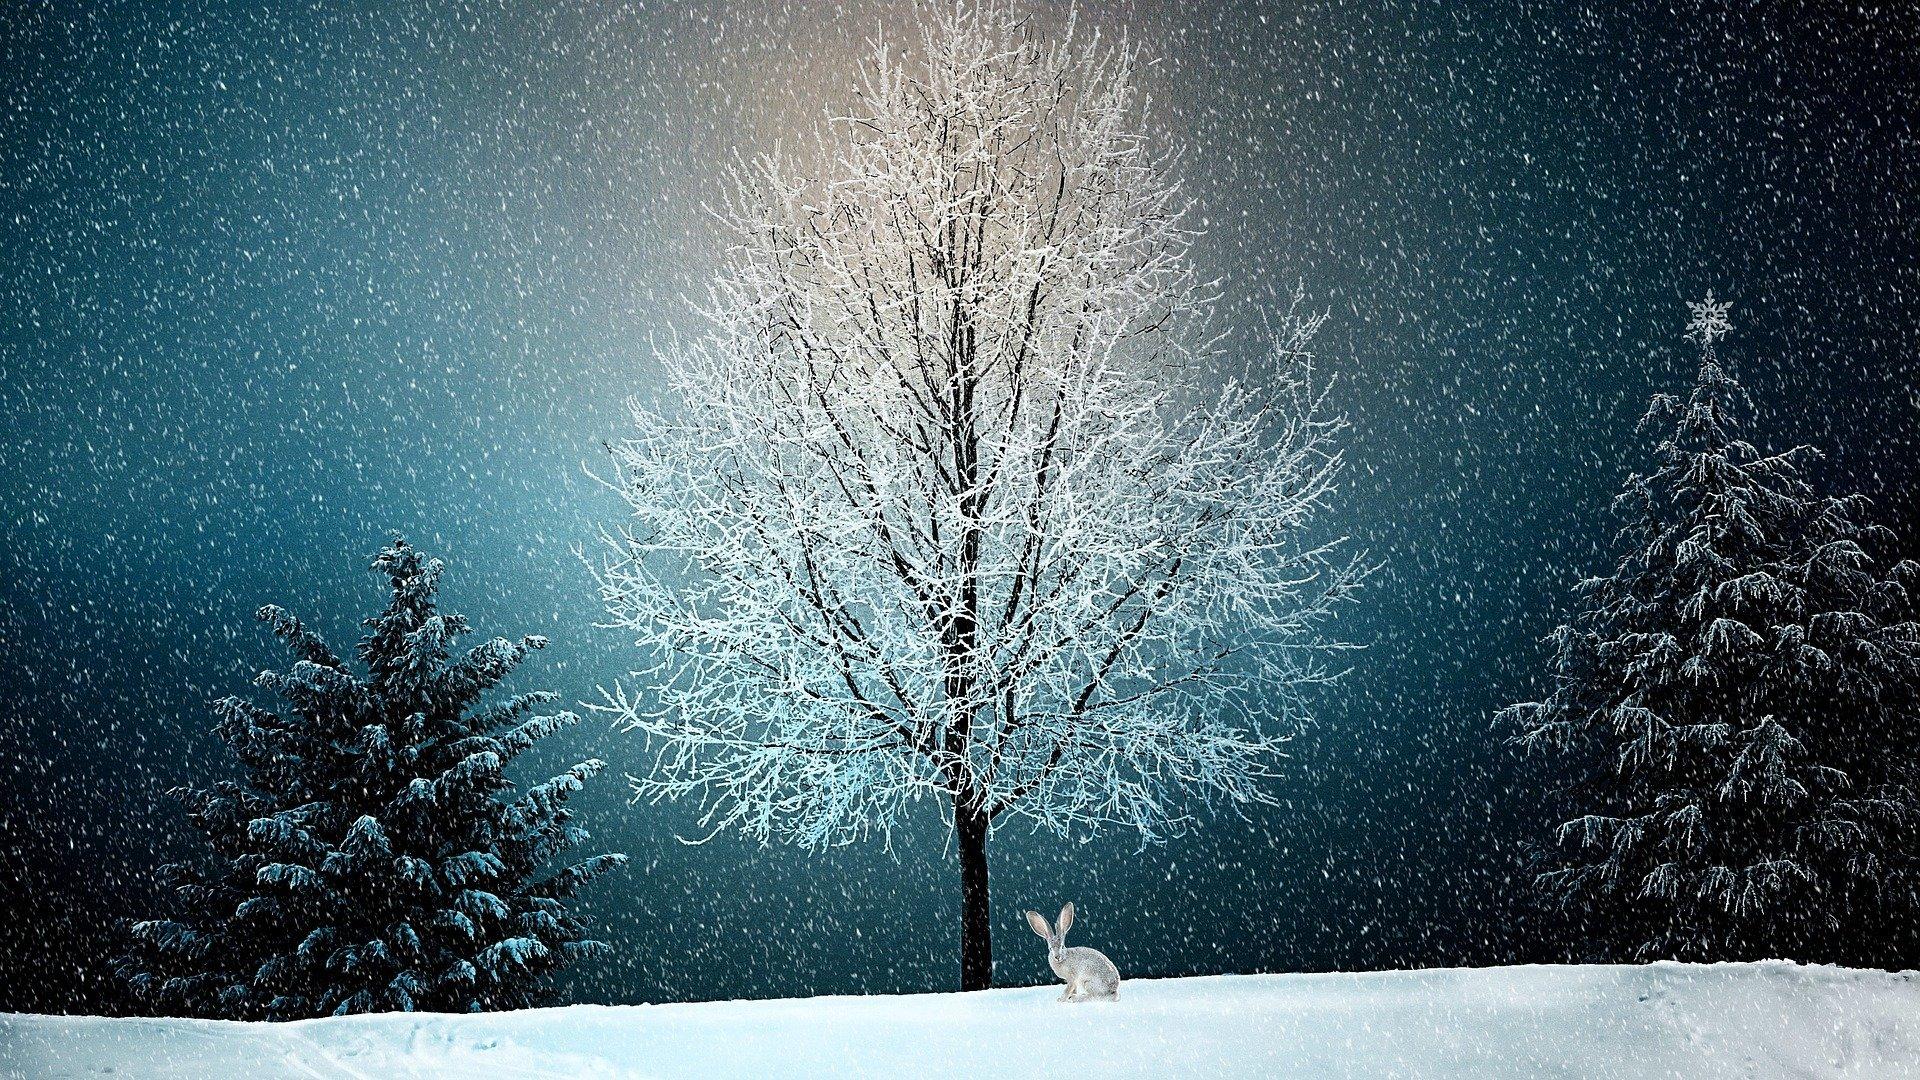 Zima Zima Zima Pada Pada śnieg Piosenki Zimowe Dla Dzieci